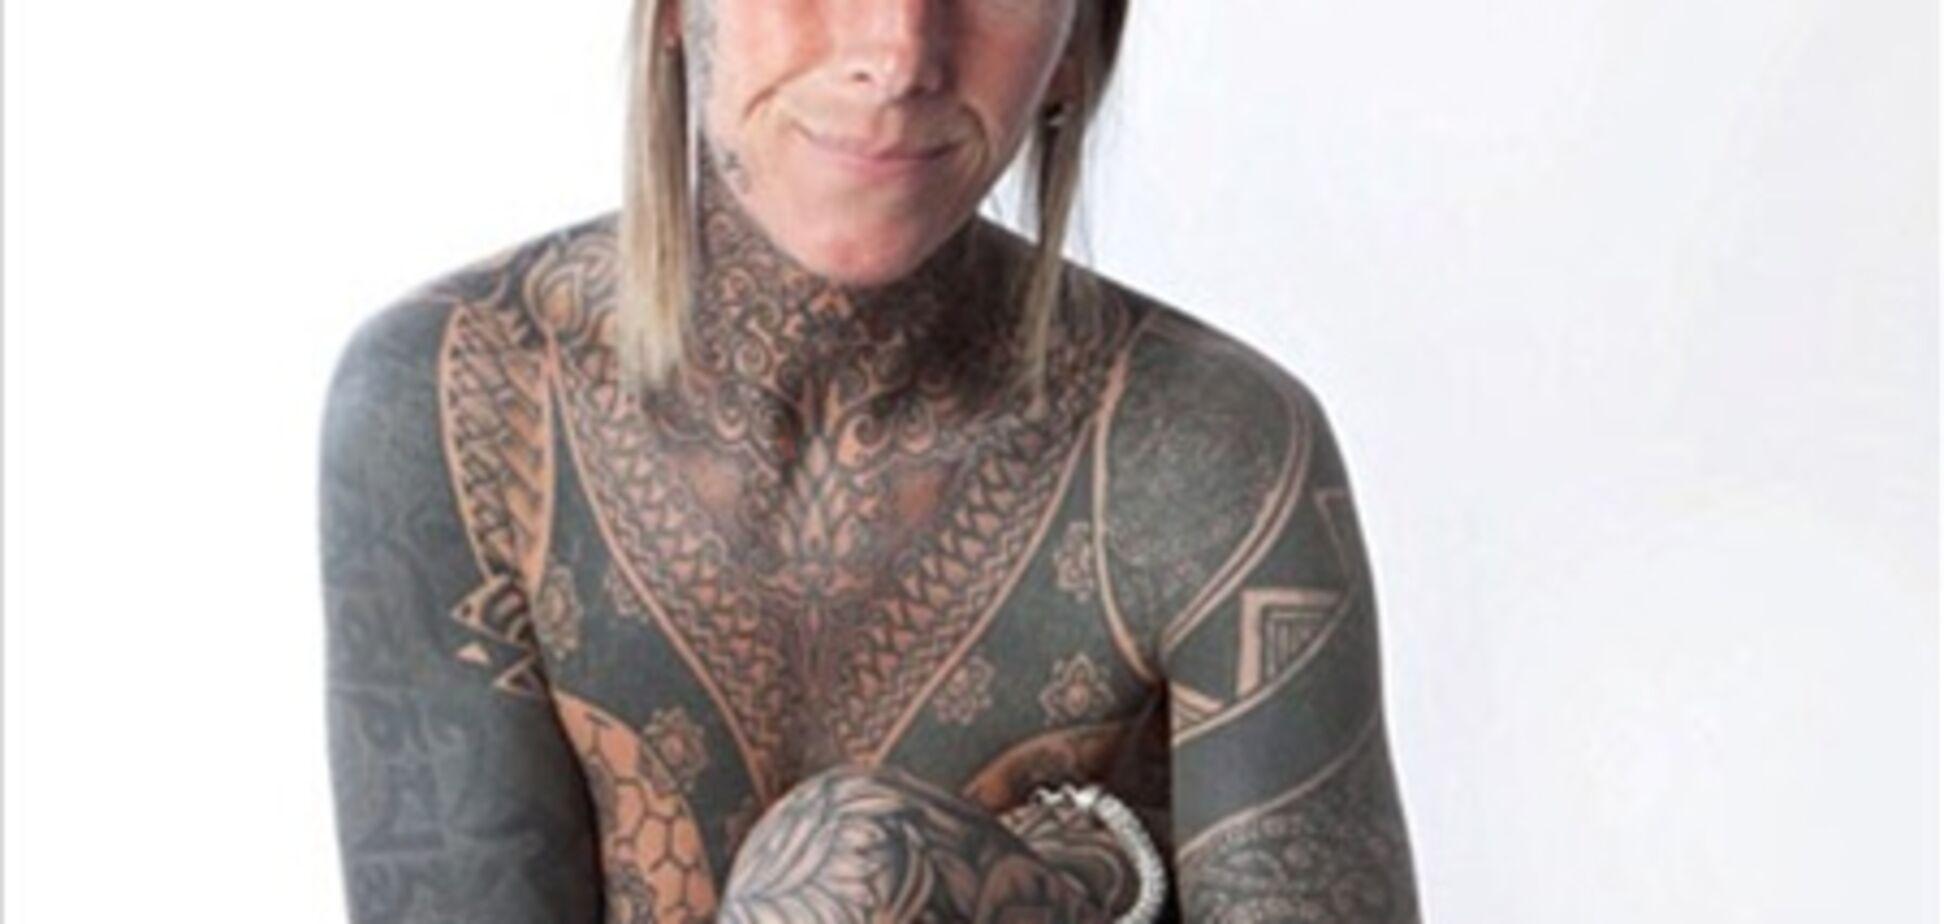 Радуясь разводу, женщина нанесла татуировки на все тело